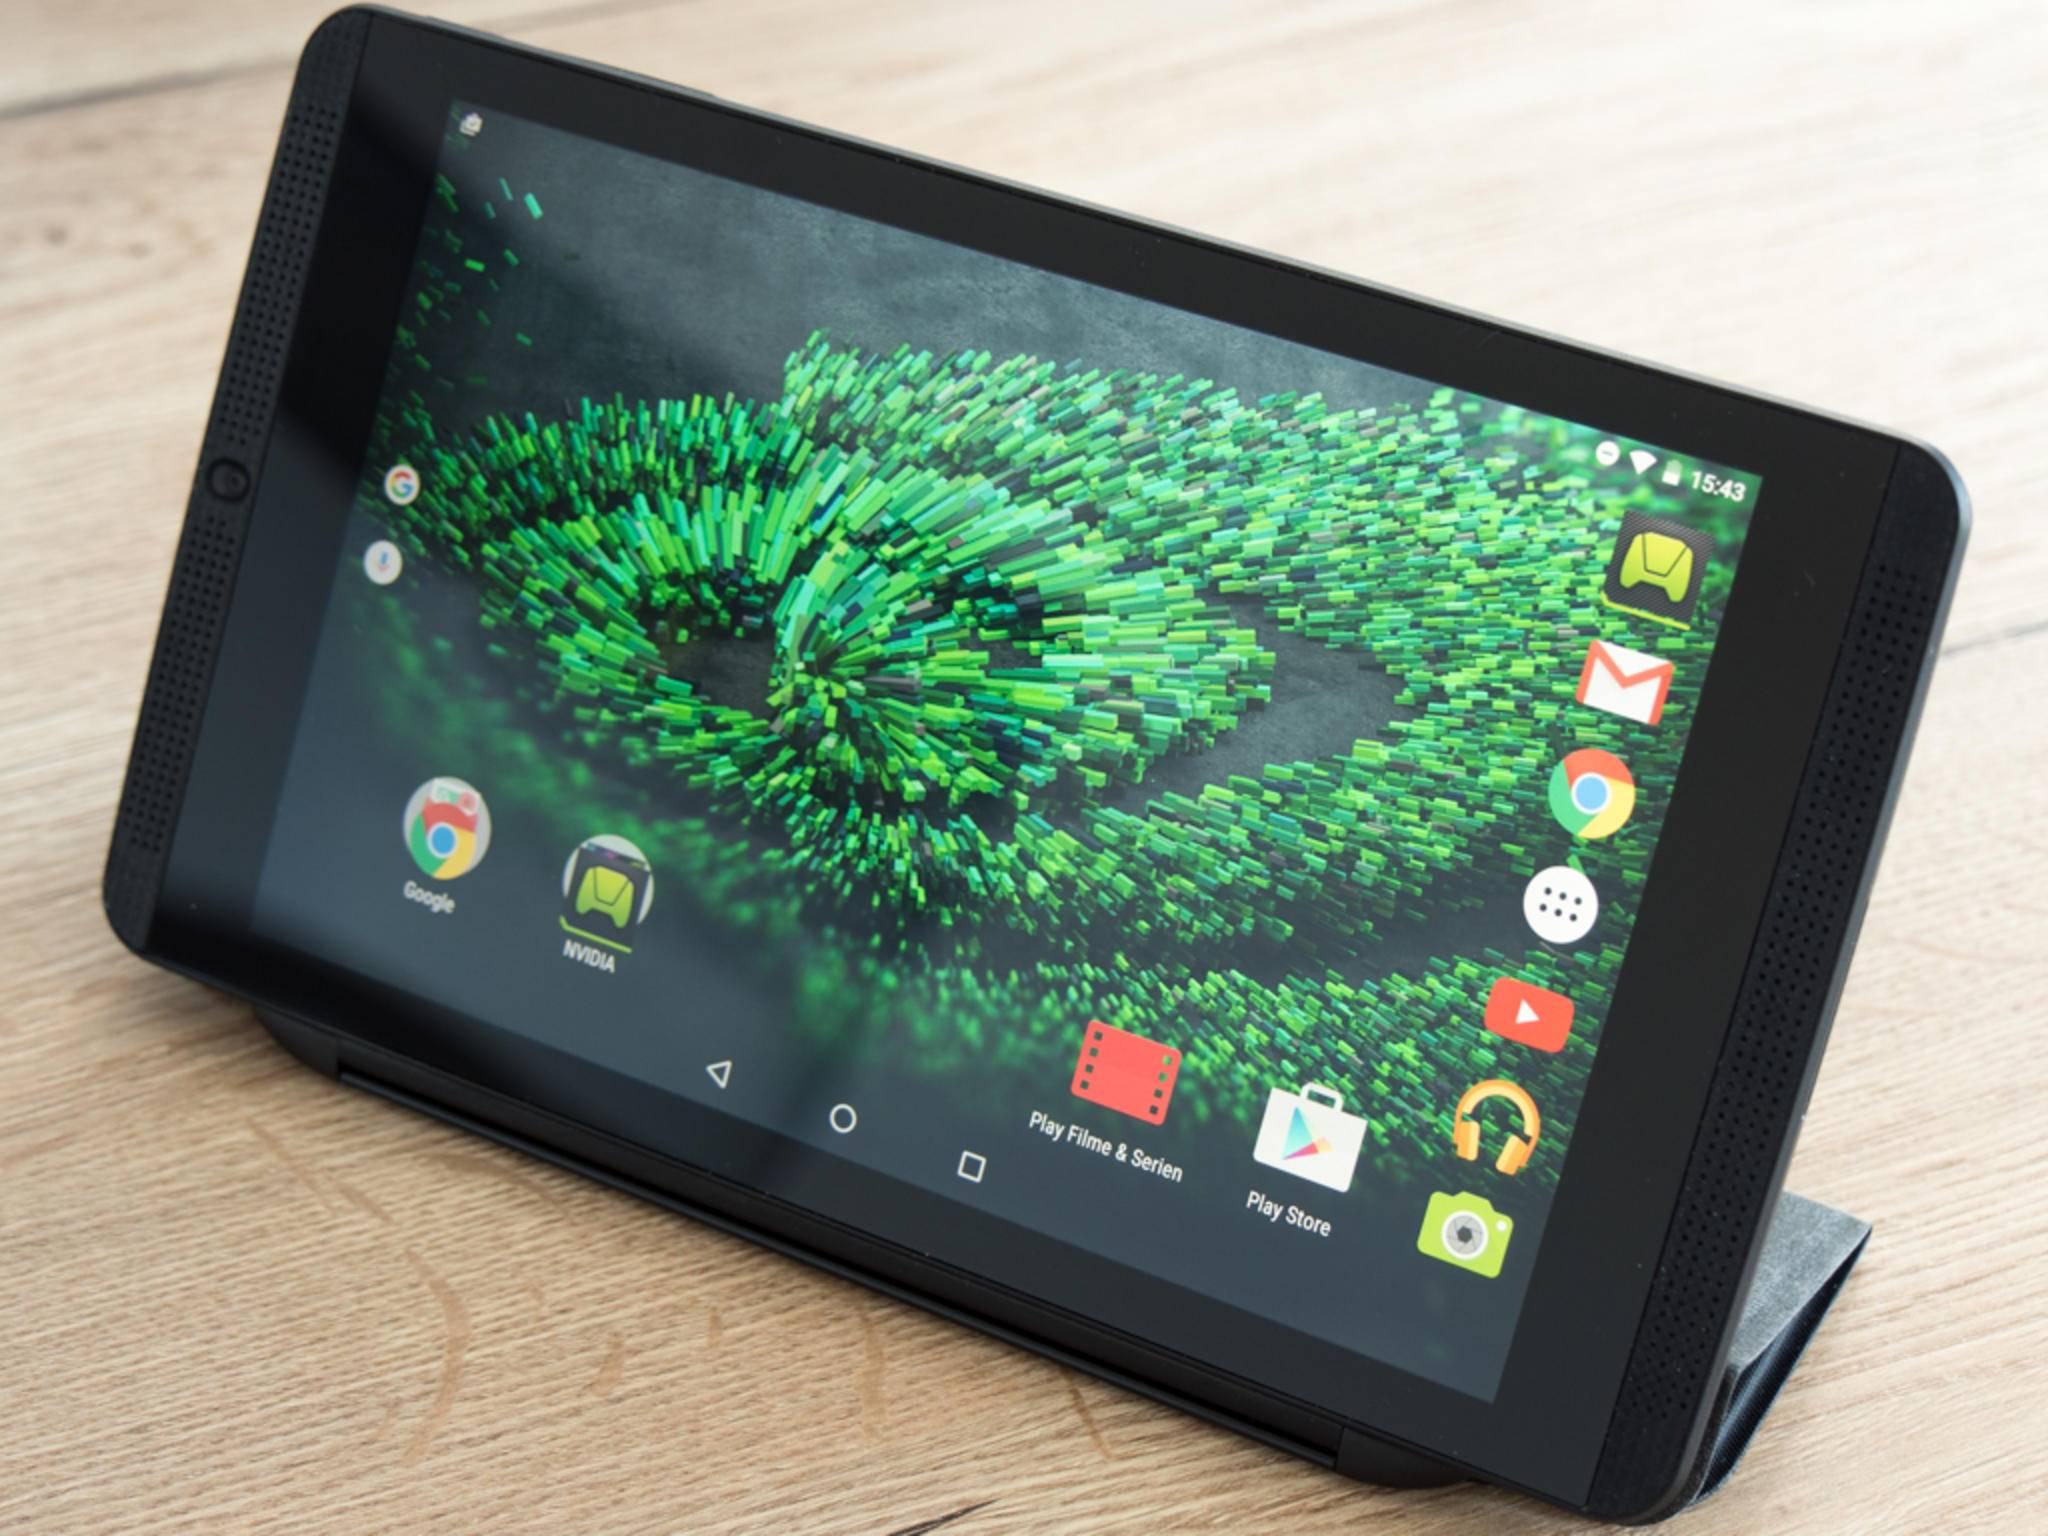 Das Shield K1 bekommt ein Update auf Android 7.0.